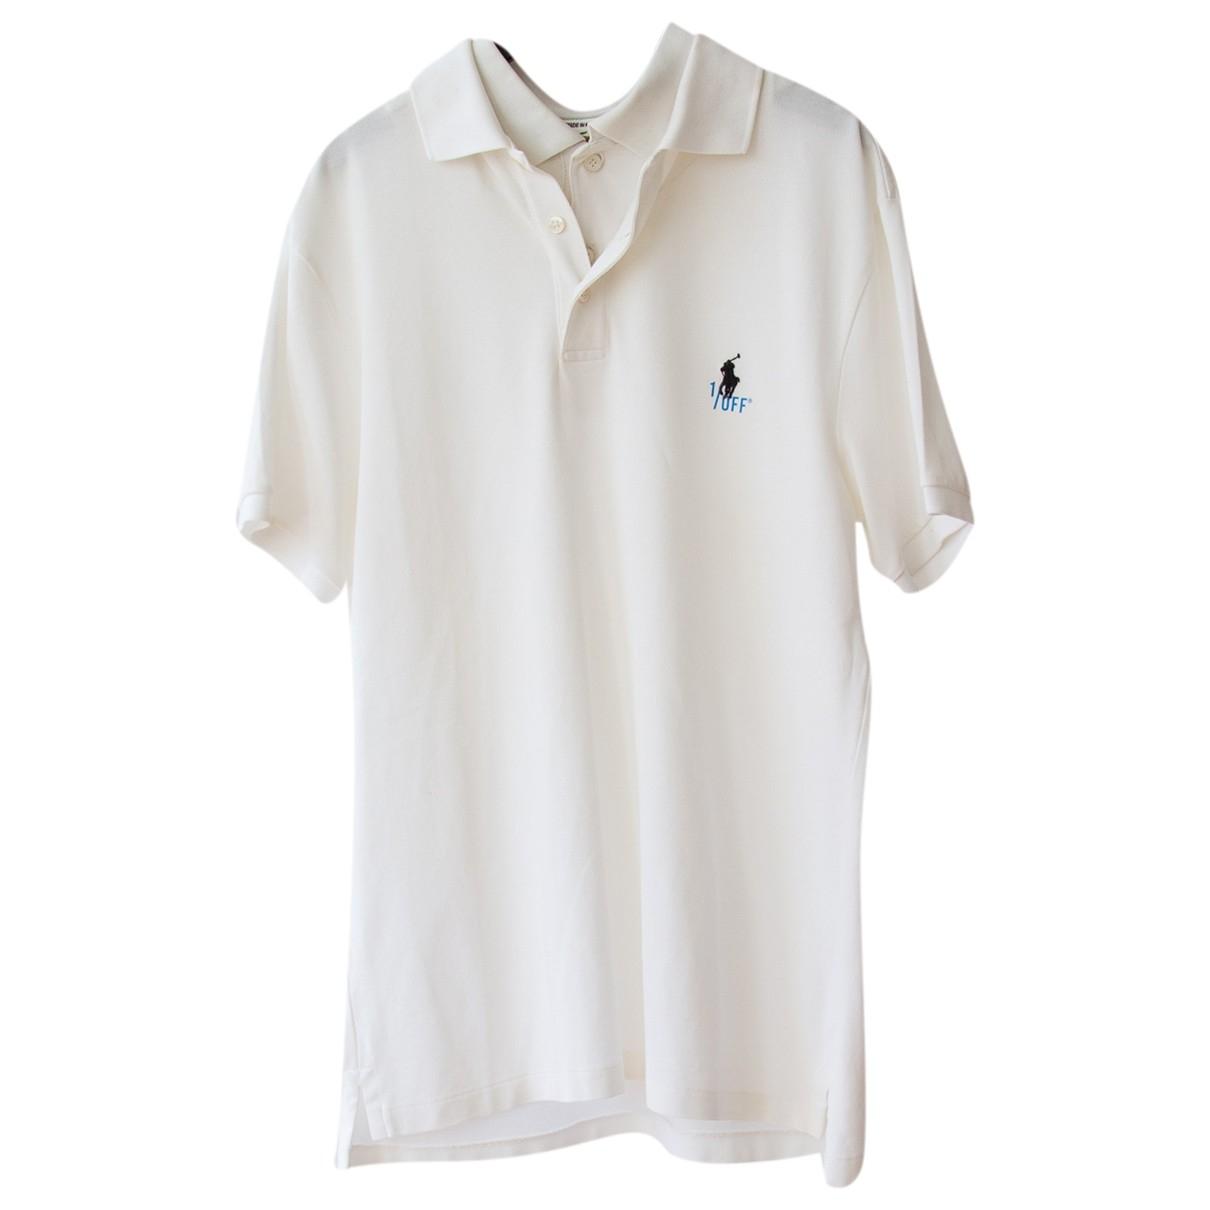 1/0ff - Polos   pour homme en coton - blanc